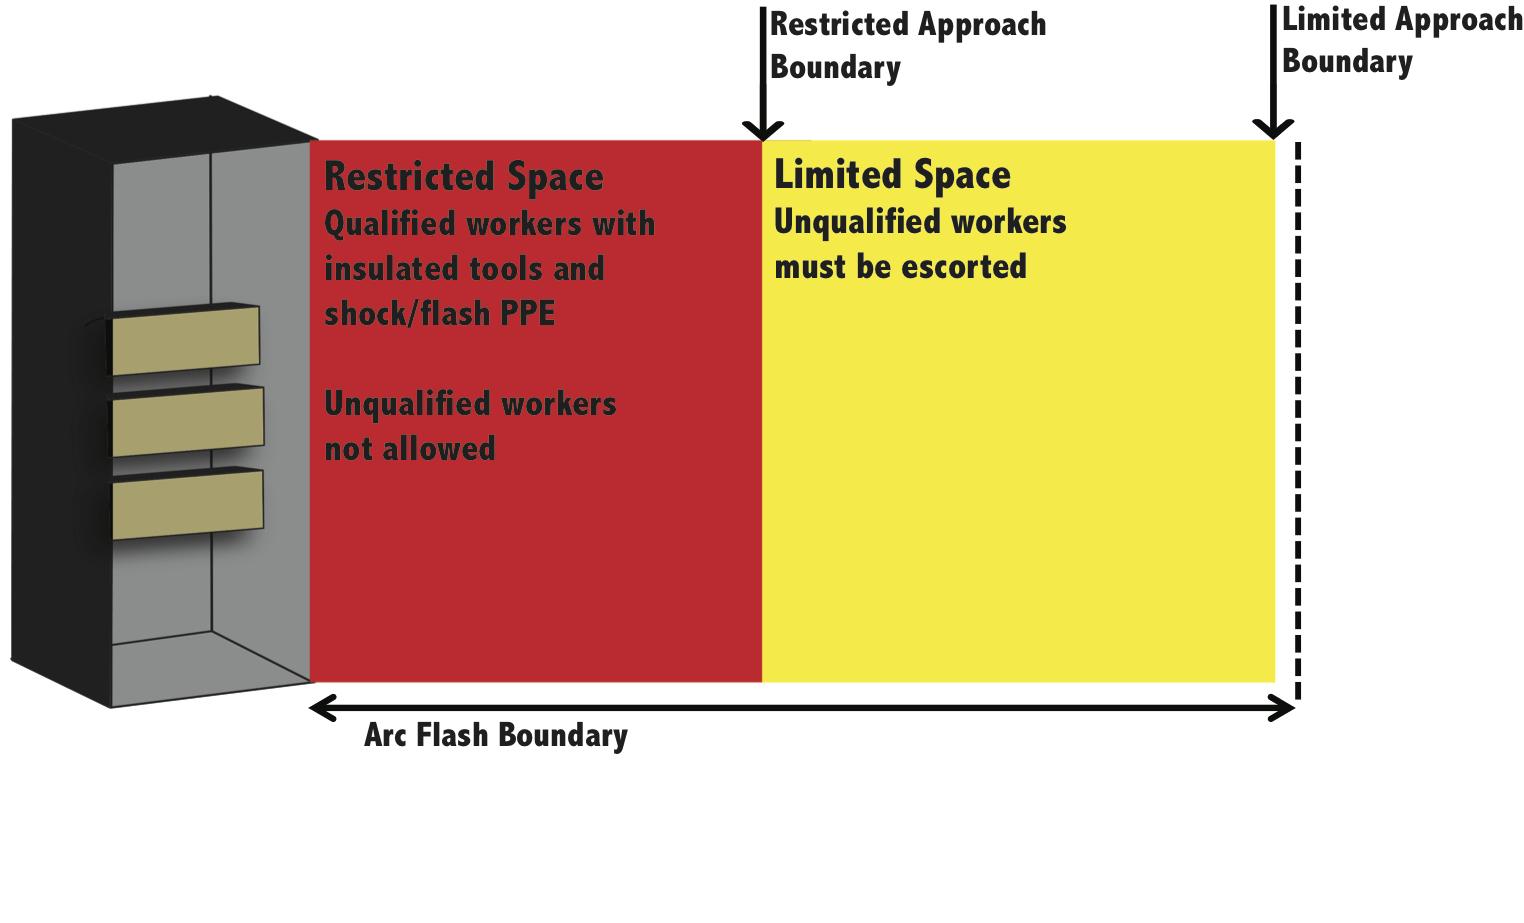 Approach_Boundary